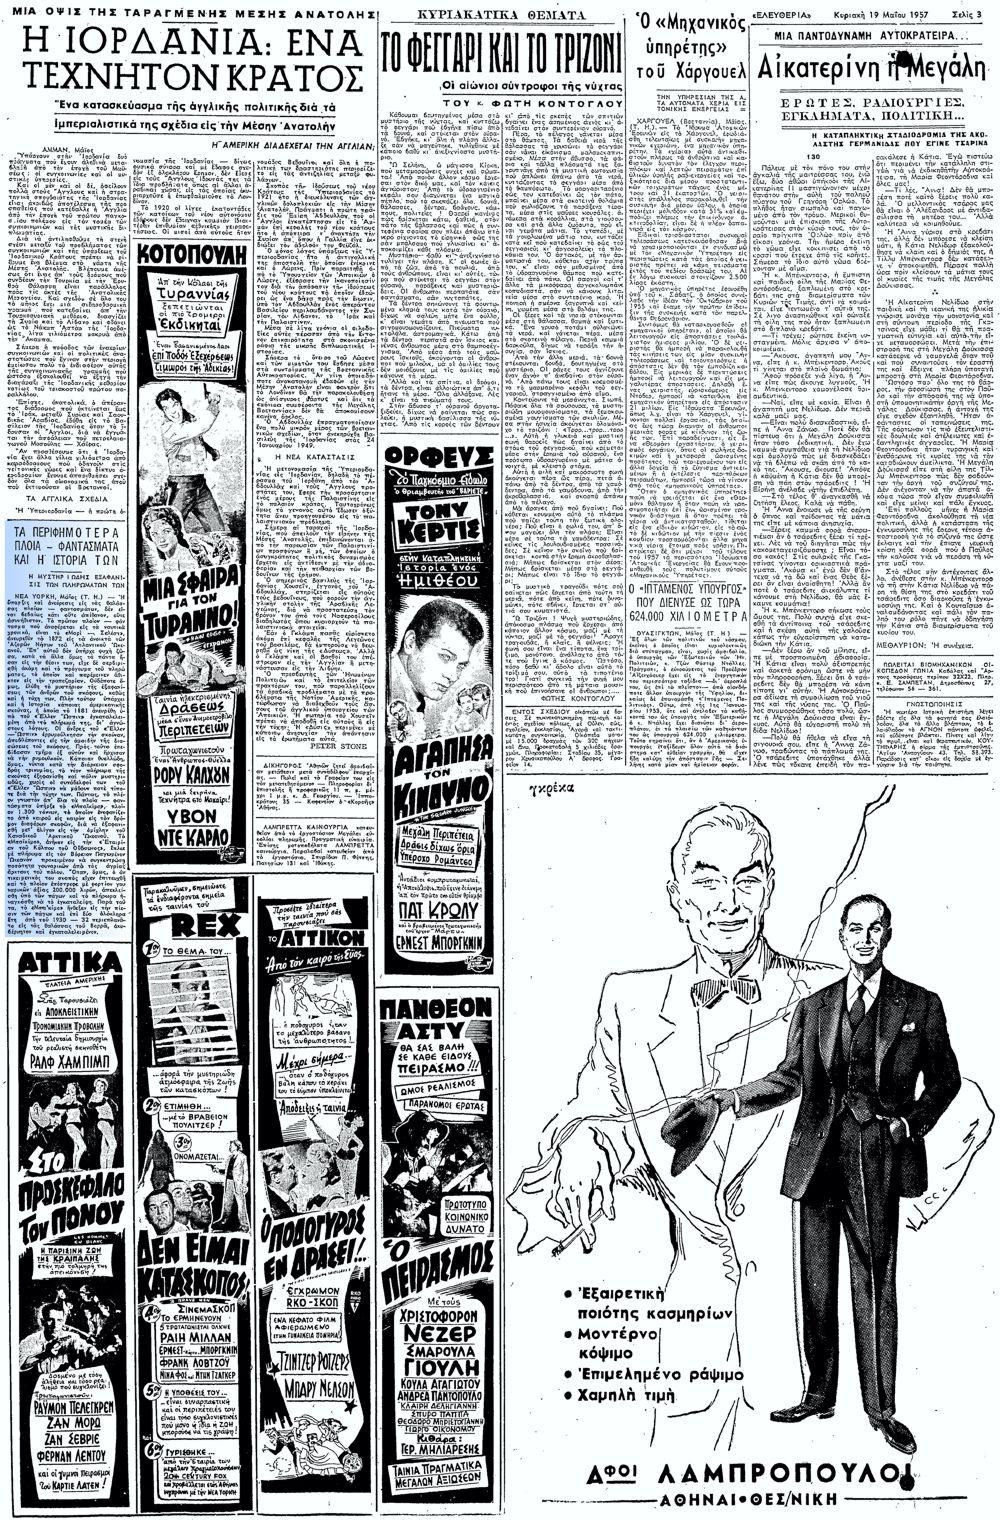 """Το άρθρο, όπως δημοσιεύθηκε στην εφημερίδα """"ΕΛΕΥΘΕΡΙΑ"""", στις 19/05/1957"""